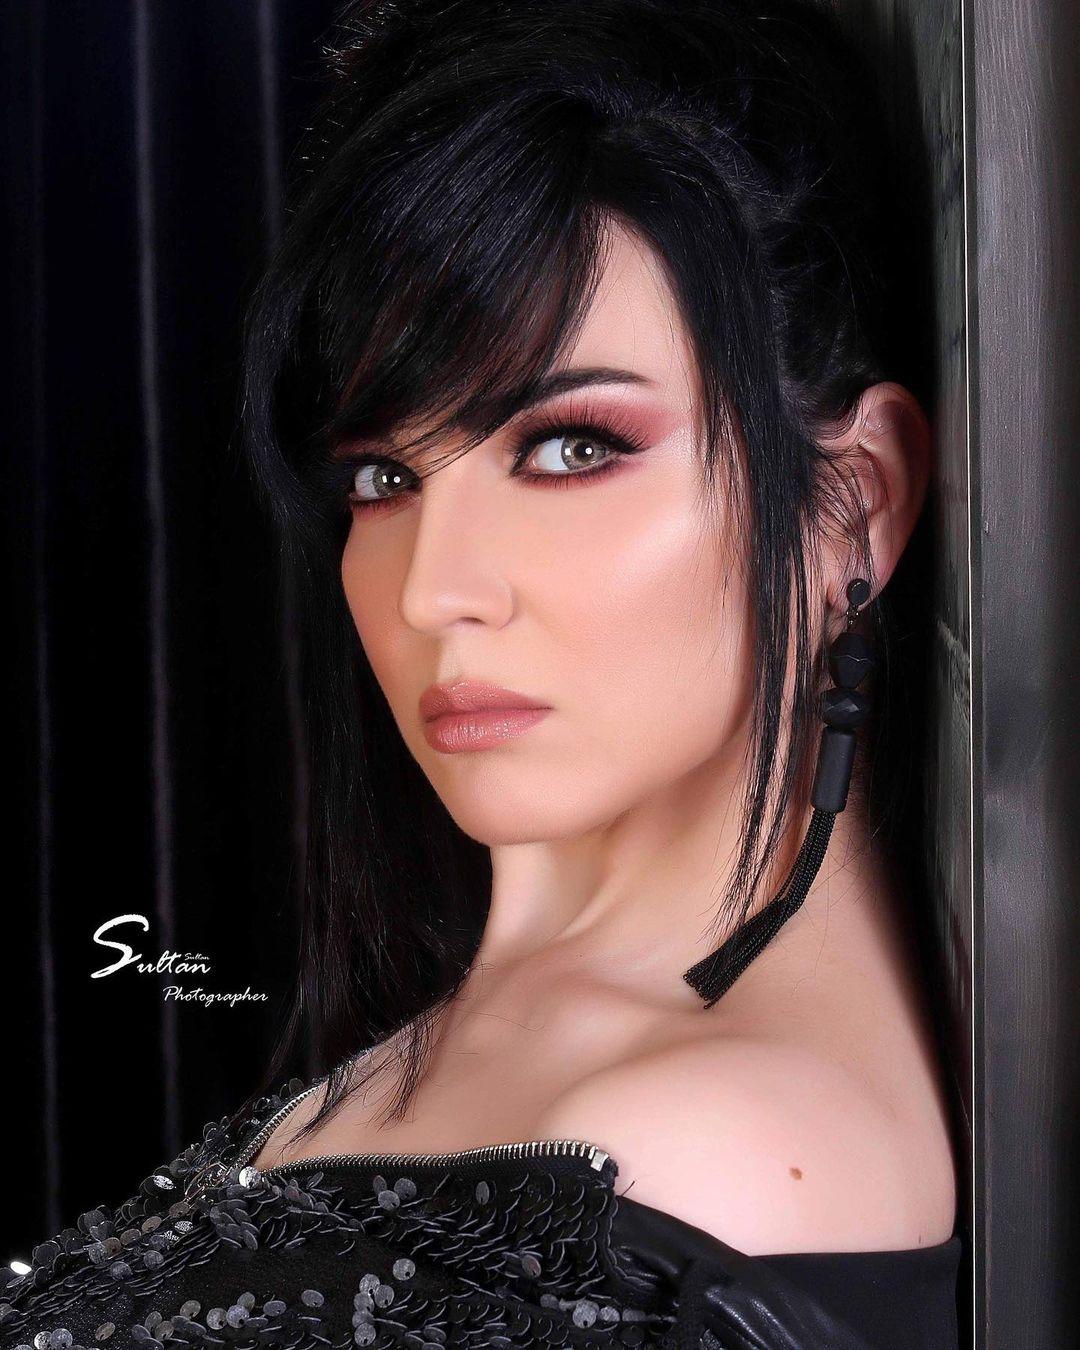 صفاء-سلطان